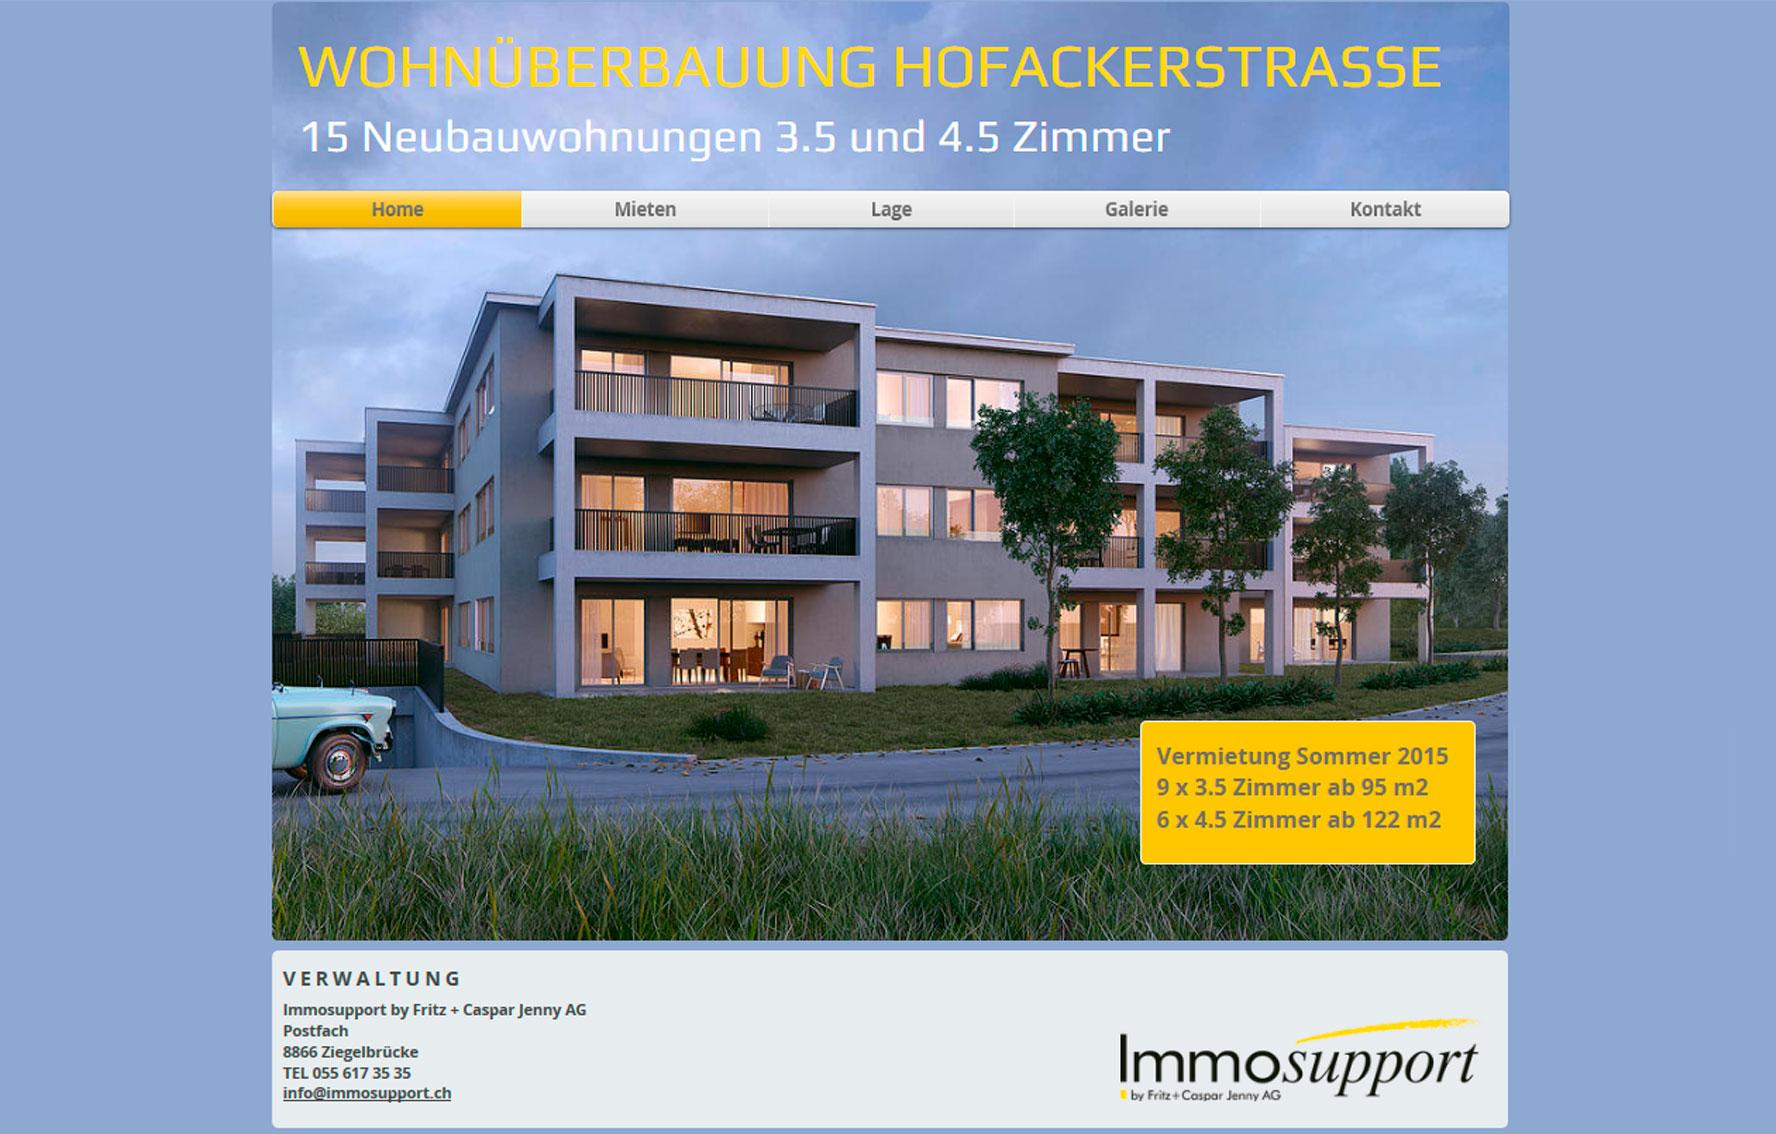 hofackerstrasse